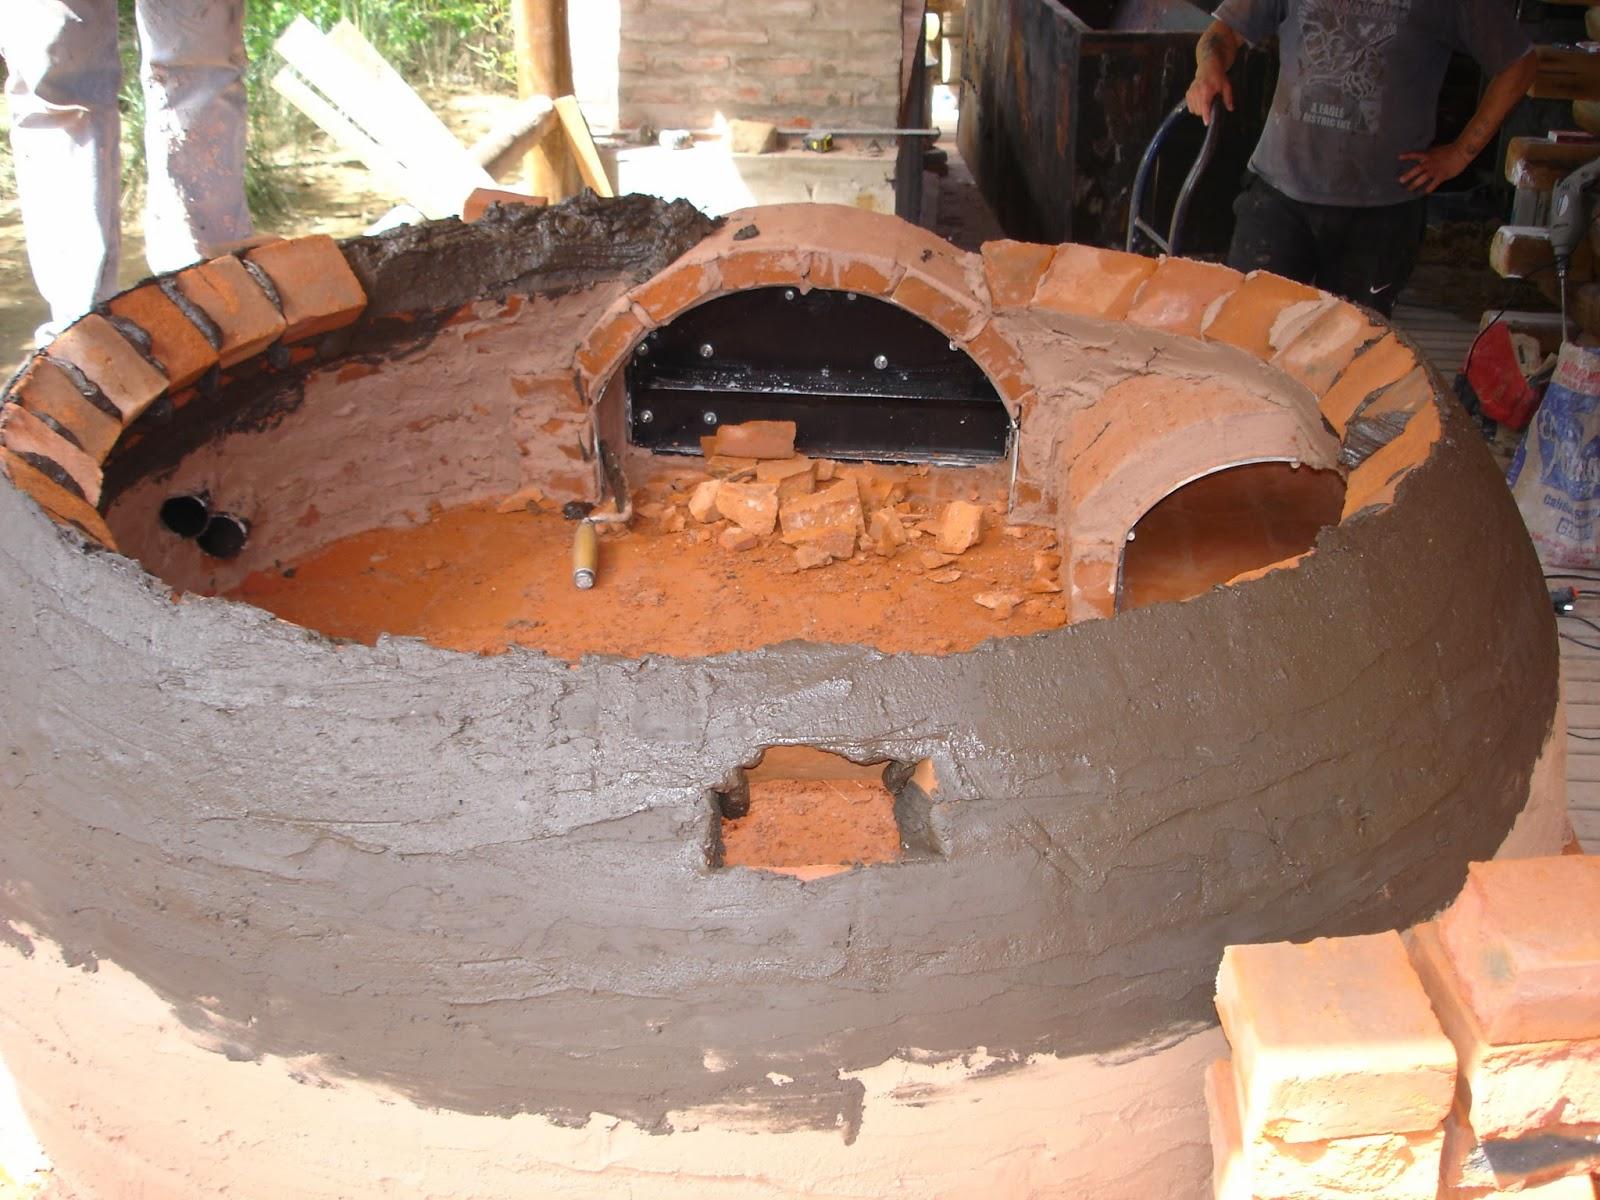 Tu horno de barro hornos de barro artesanales for Como construir un horno